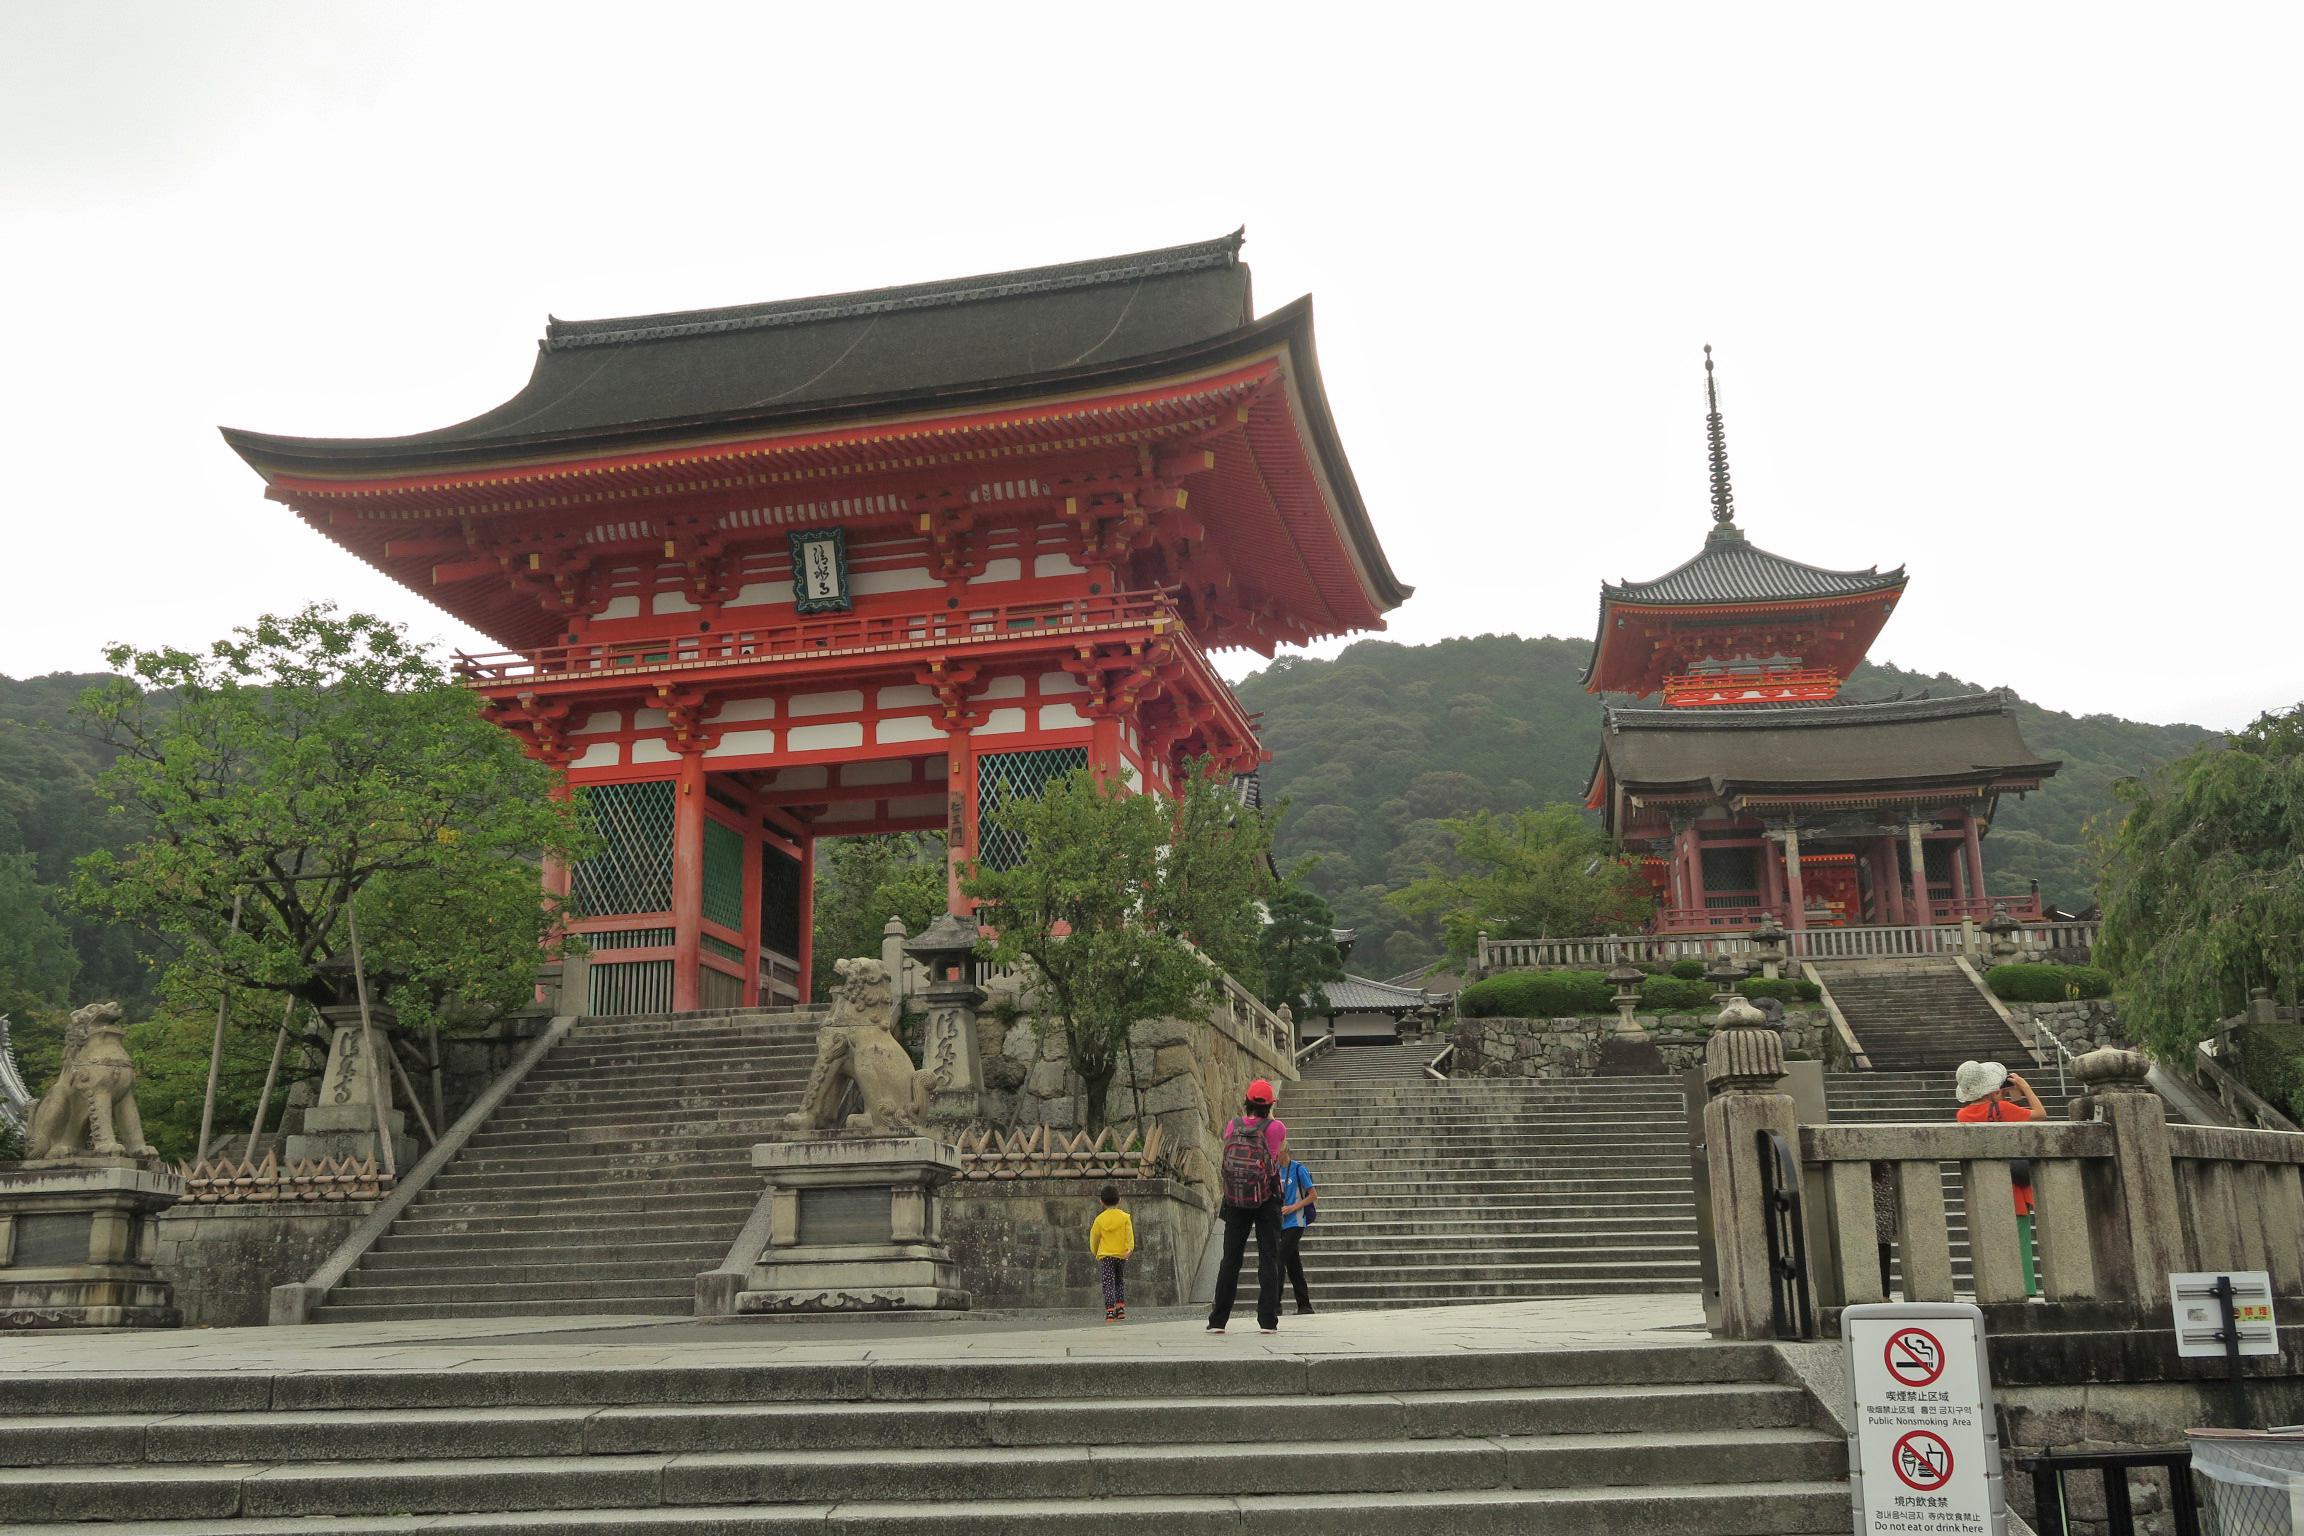 世界遺産の清水寺。赤門とも呼ばれている清水寺の正門「仁王門」です。右手に見えるのが清水寺三重塔。